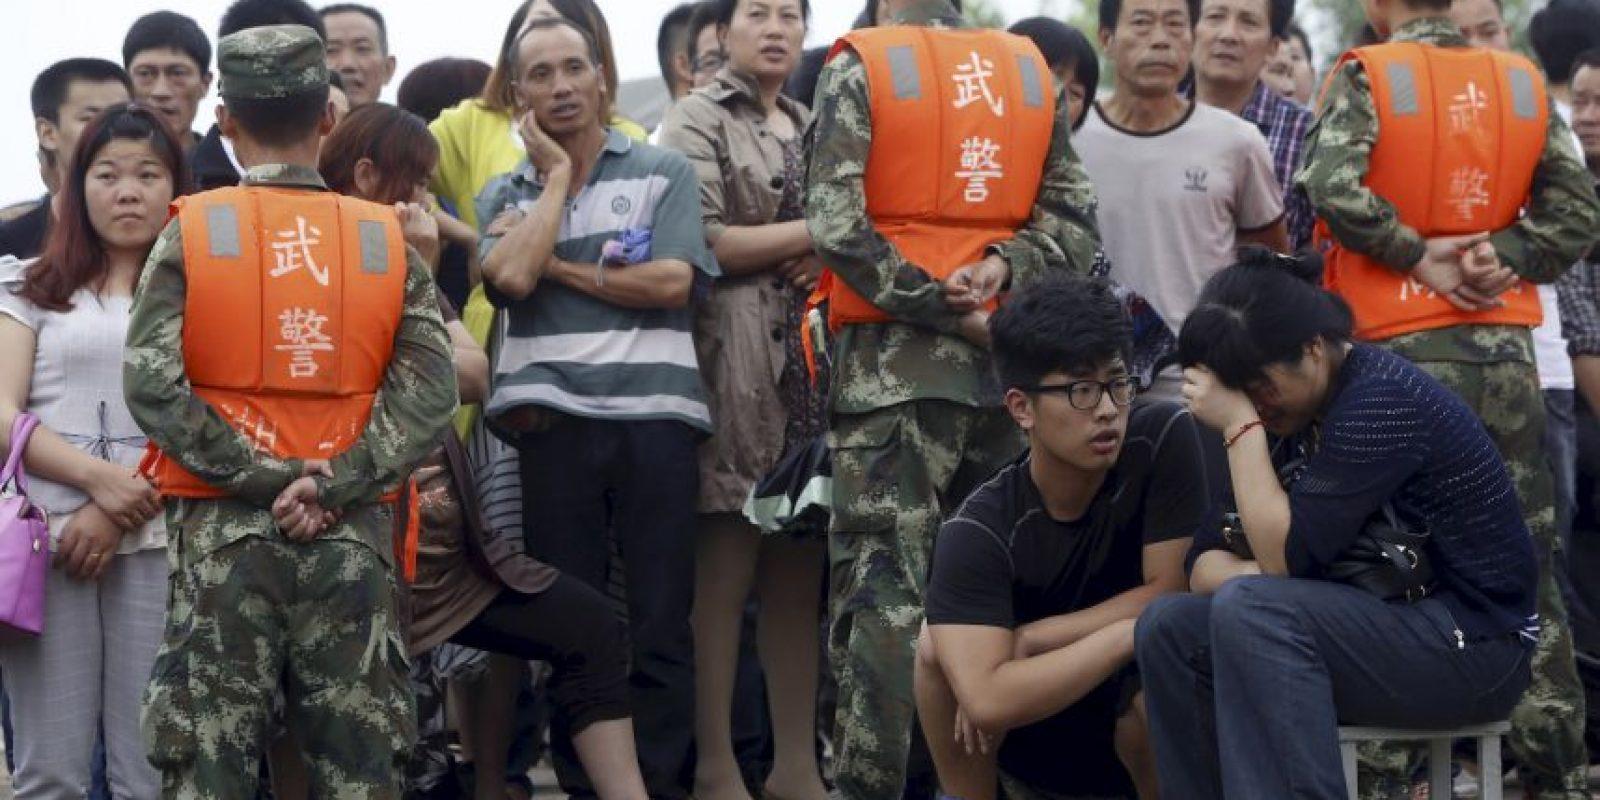 Familiares de las víctimas del hundimiento del barco chino se manifestaron por la indiferencia del gobierno hacia la situación. Foto:AP